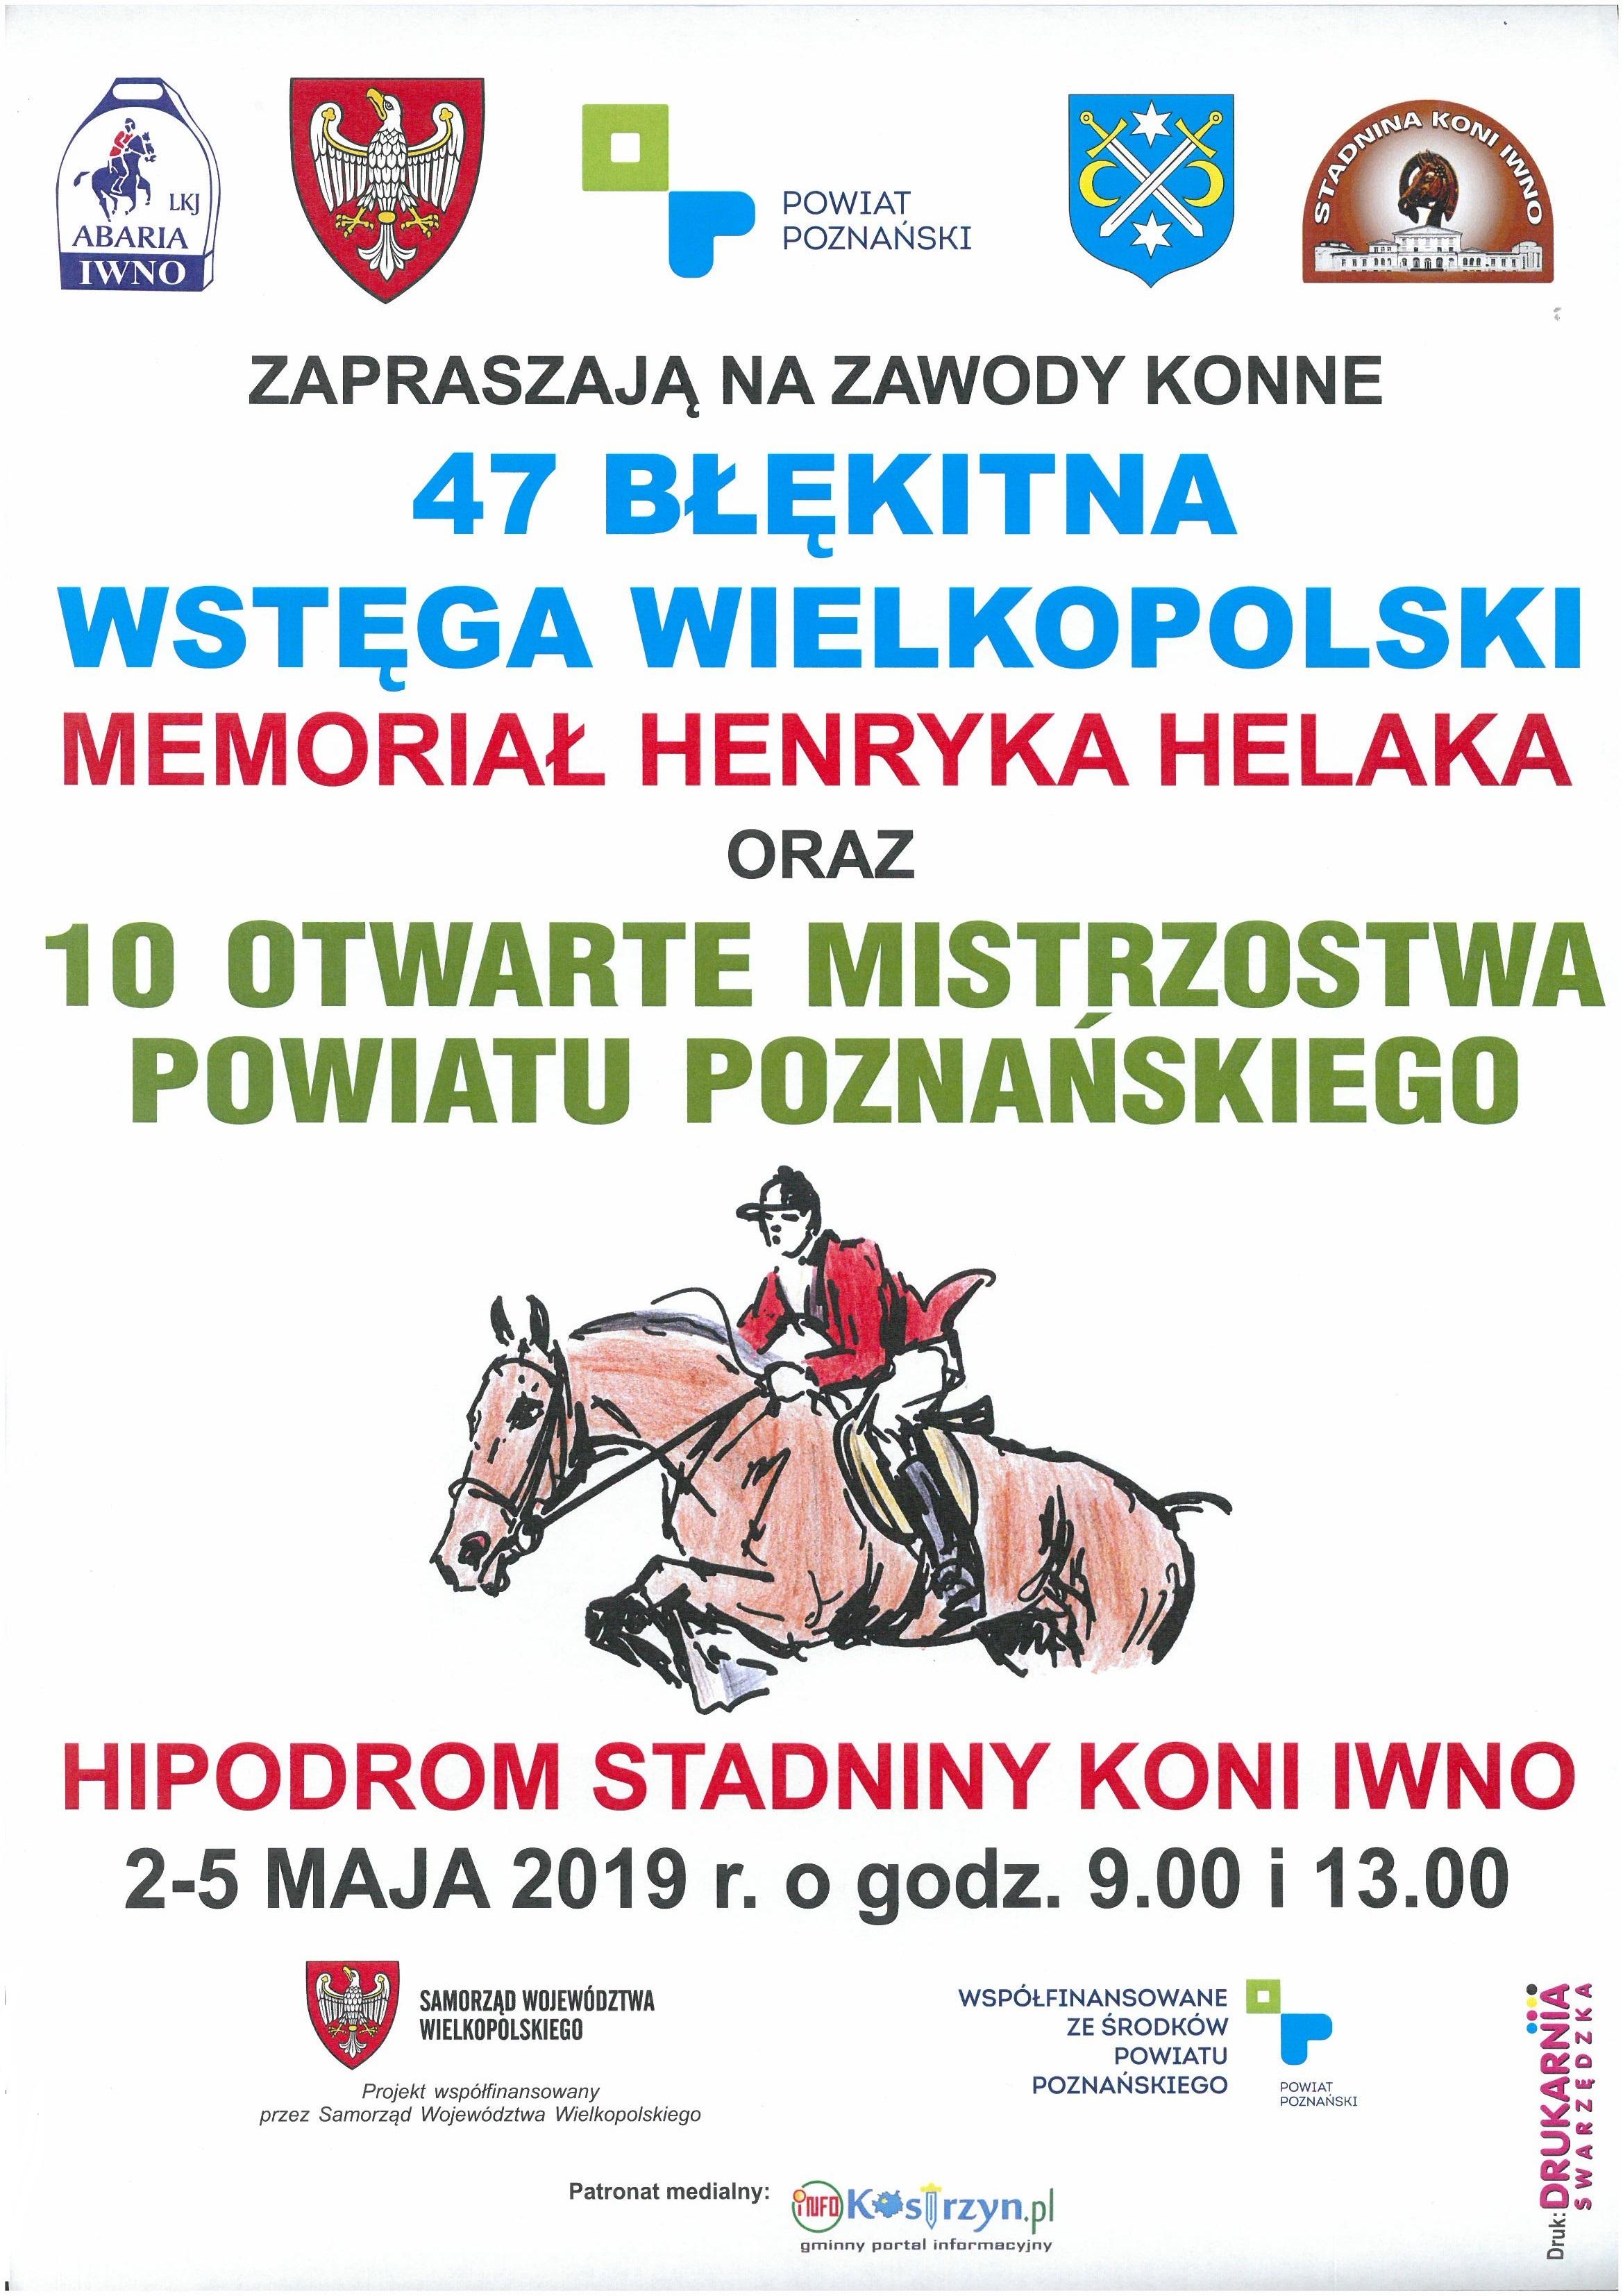 Błękitna Wstęga Wielkopolski